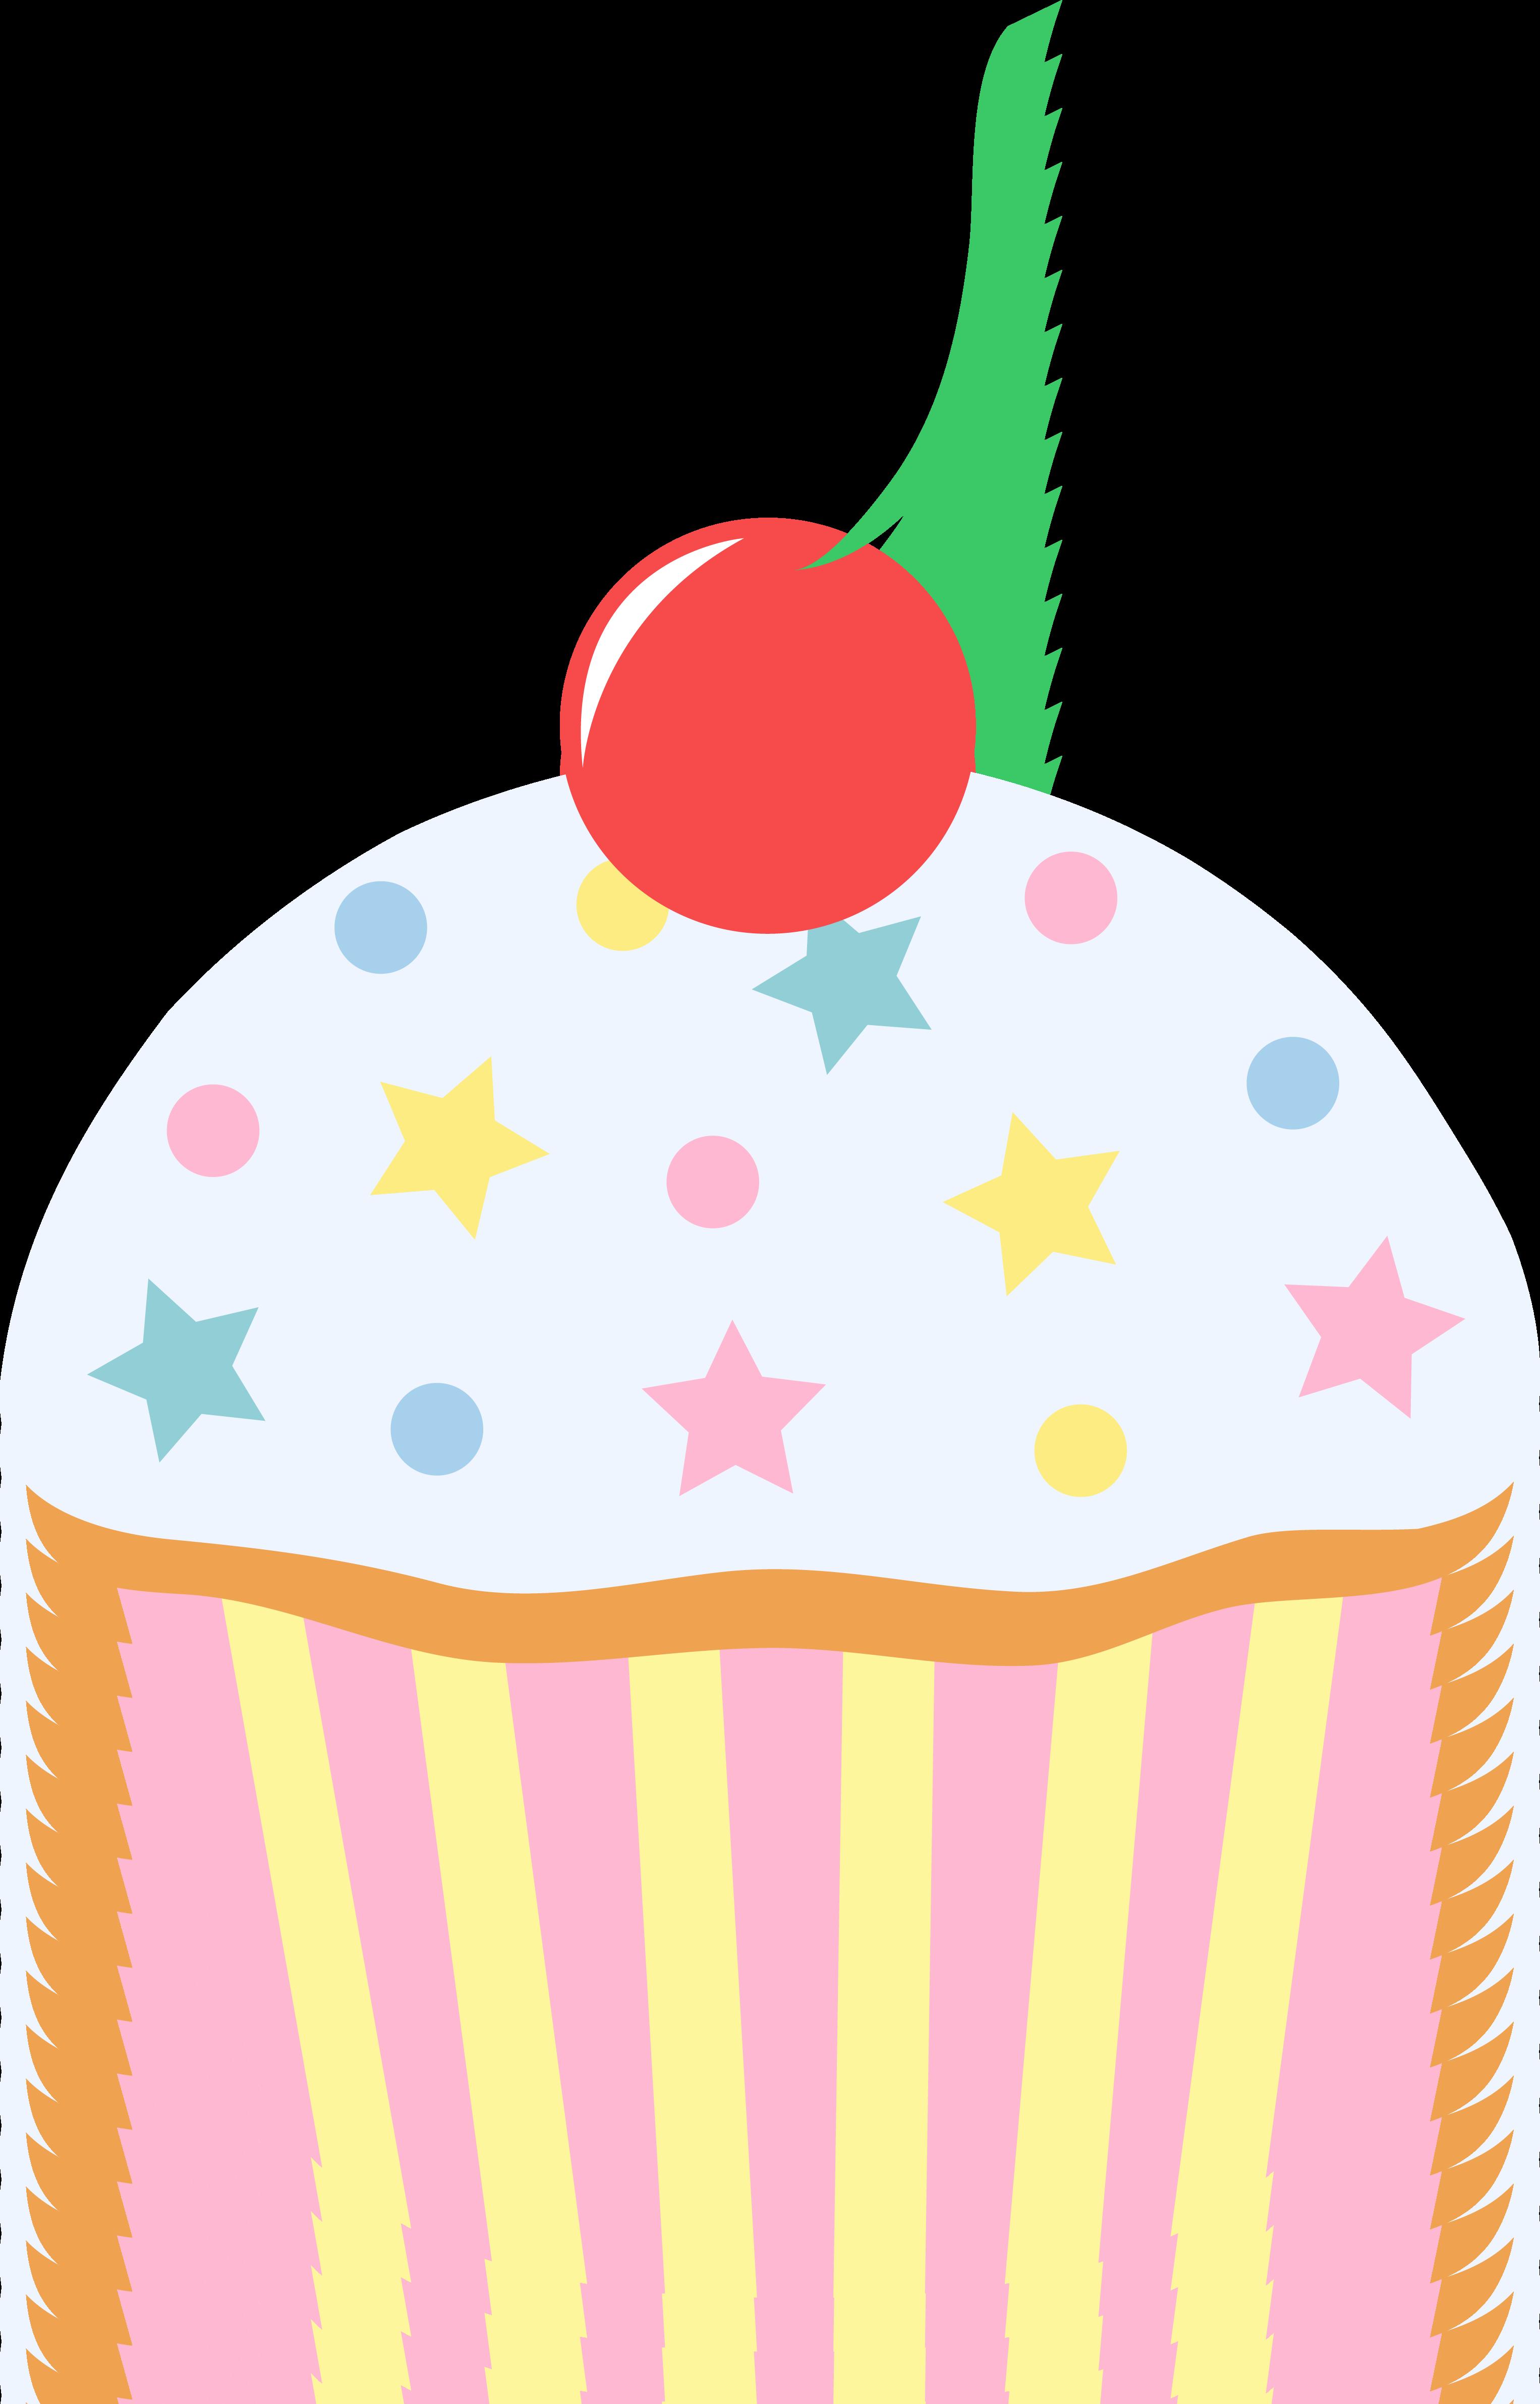 Memoir panda free images. Clipart cupcake adorable